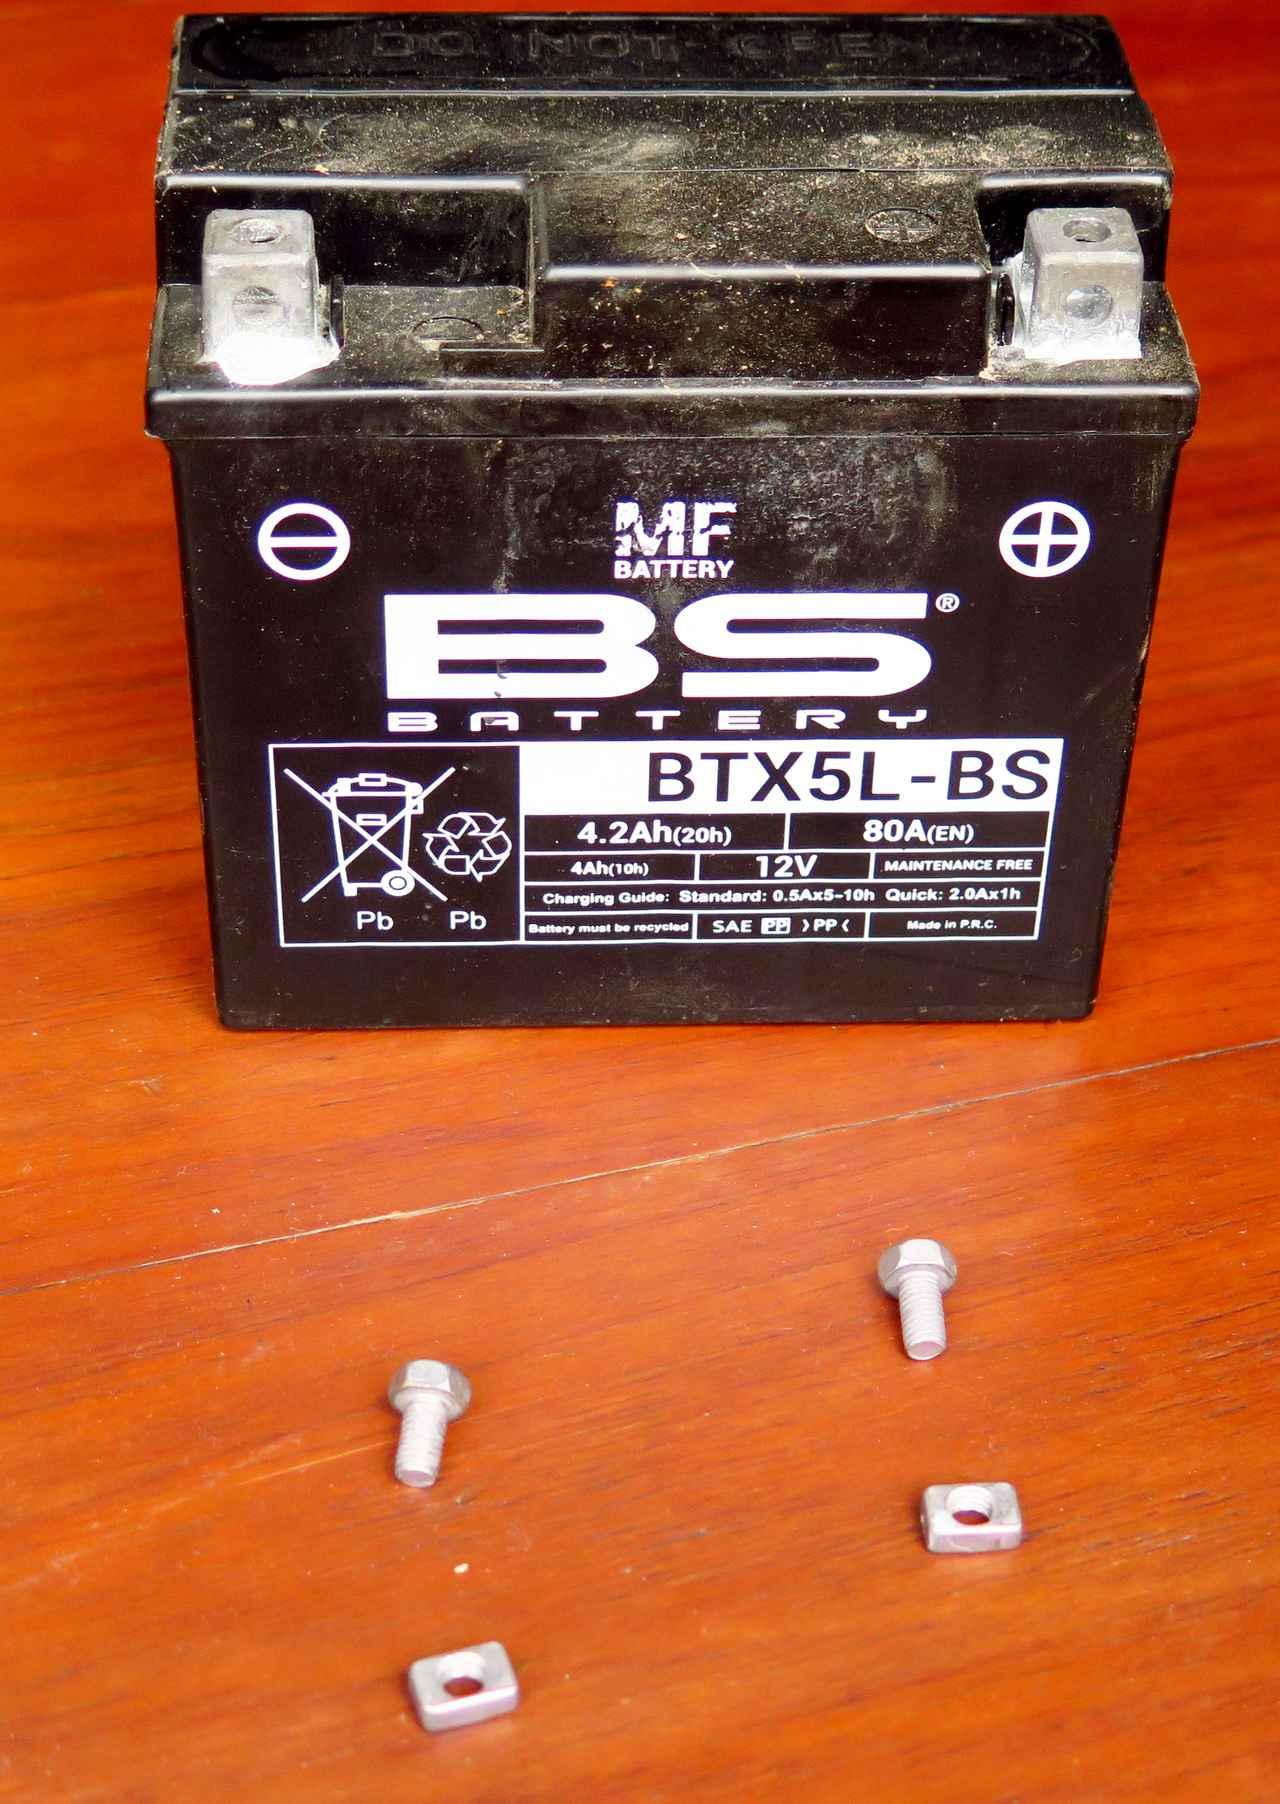 弱り切ったバッテリーは復活するのか?バッテリーメンテナー「オプティメート6」を使ってみました!【編集部員の自腹でテスト】